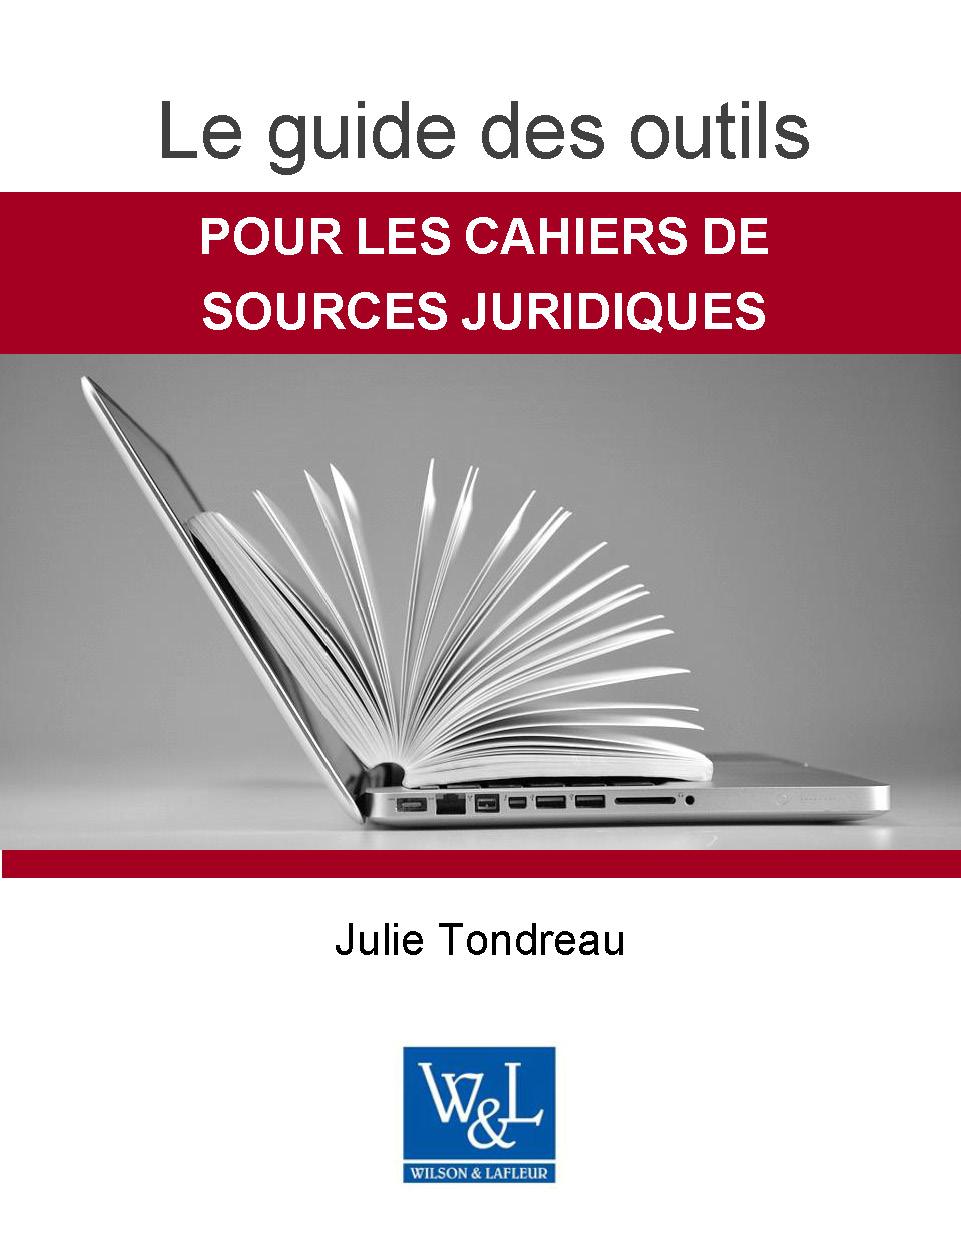 Le guide des outils pour les cahiers de sources juridiques